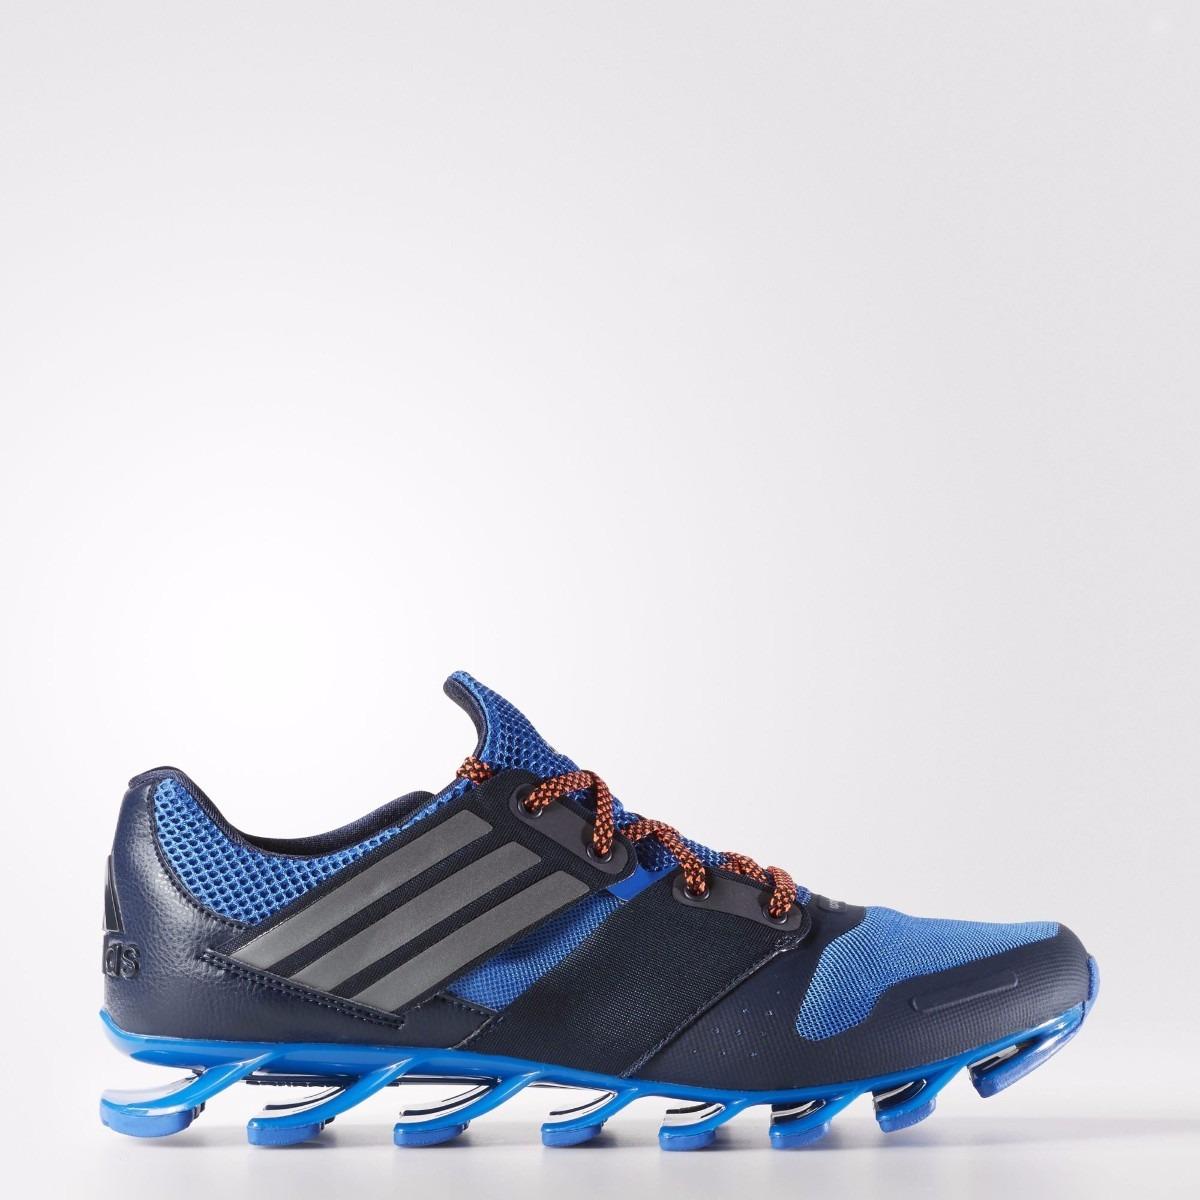 san francisco 220df 00a71 Características. Marca Adidas  Modelo springblade  Género Hombre ...